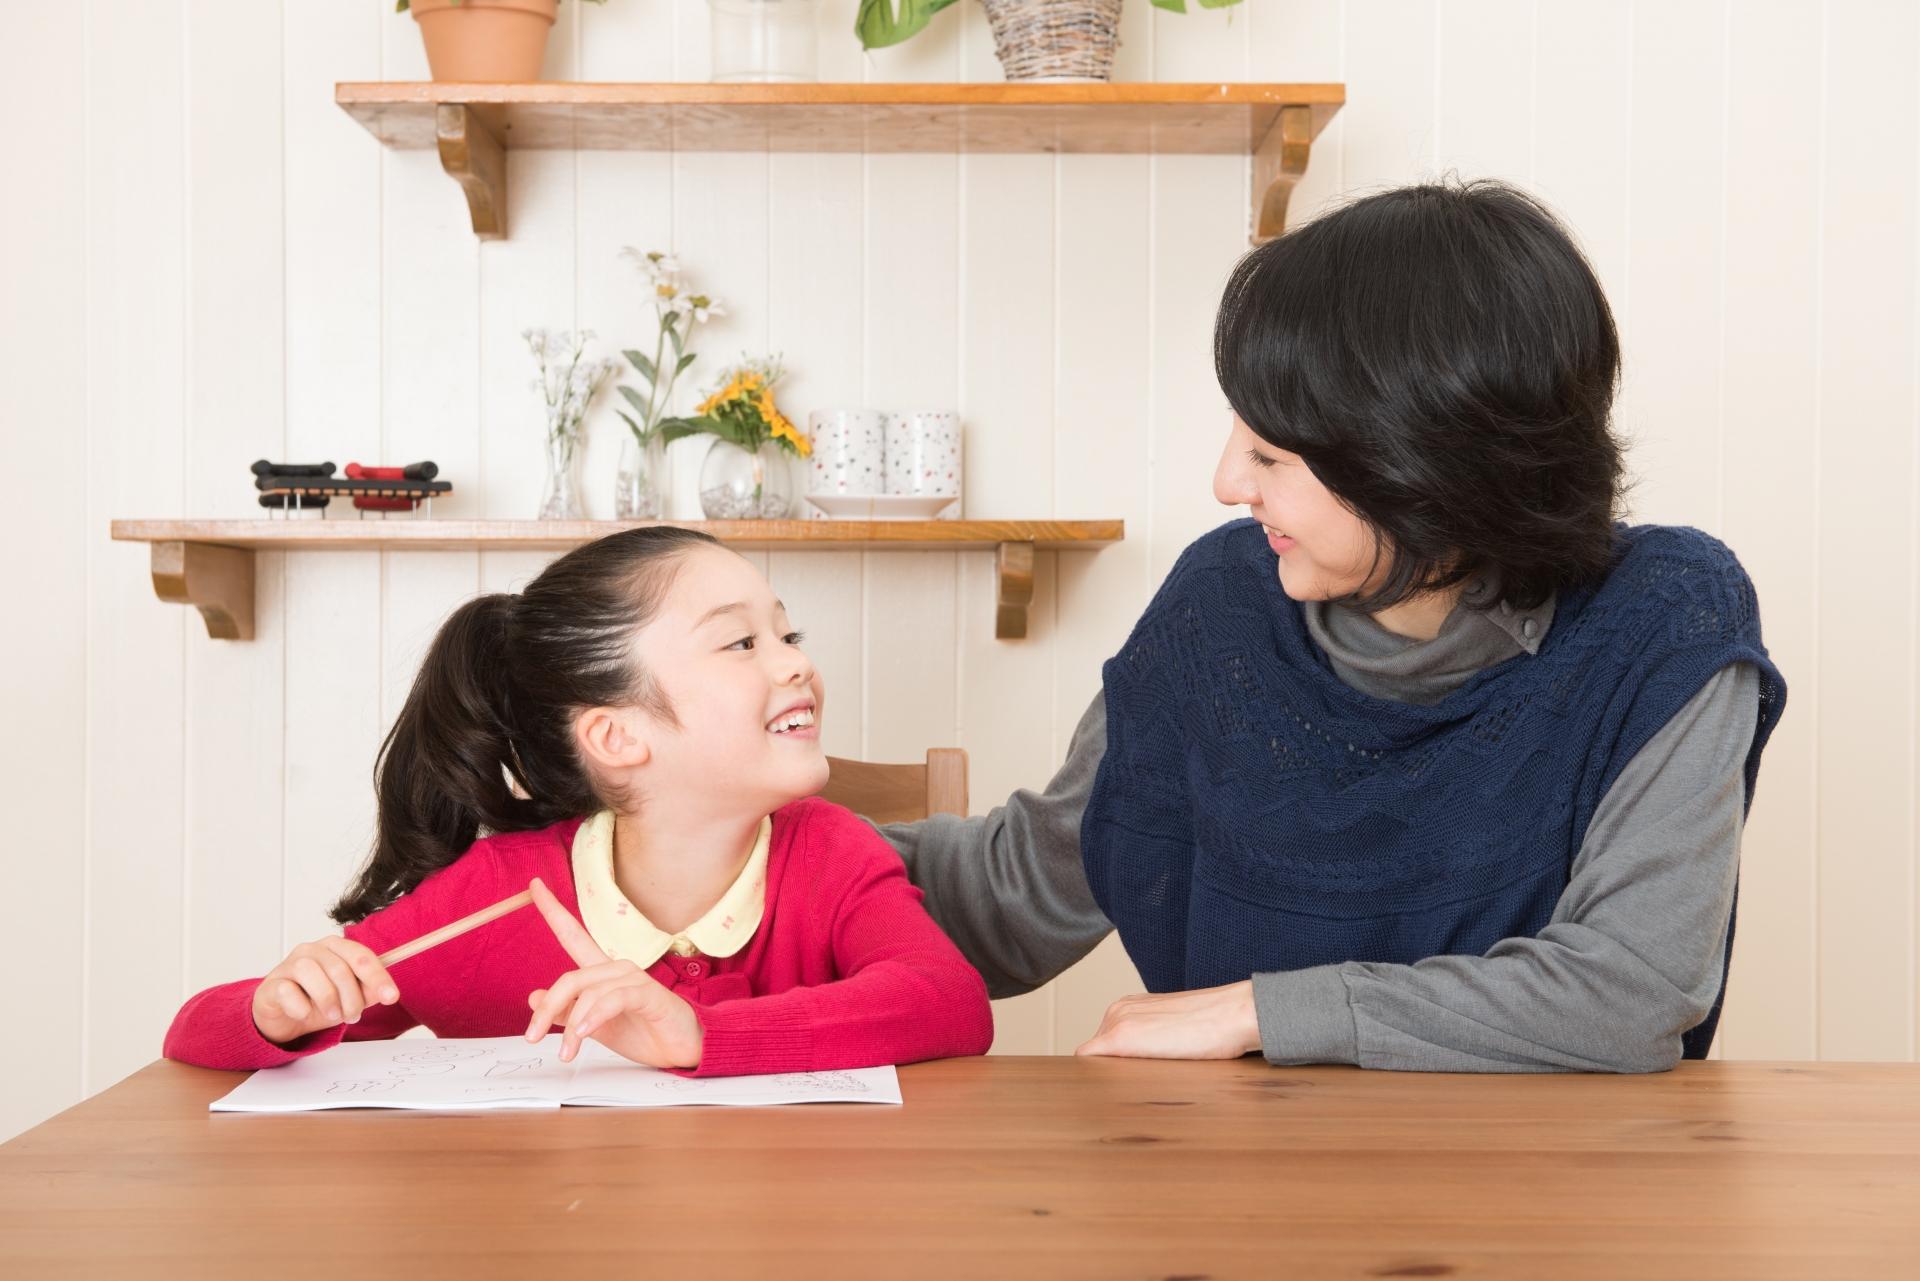 丸つけで子どもが腹を立てないようにする方法とは?の画像1